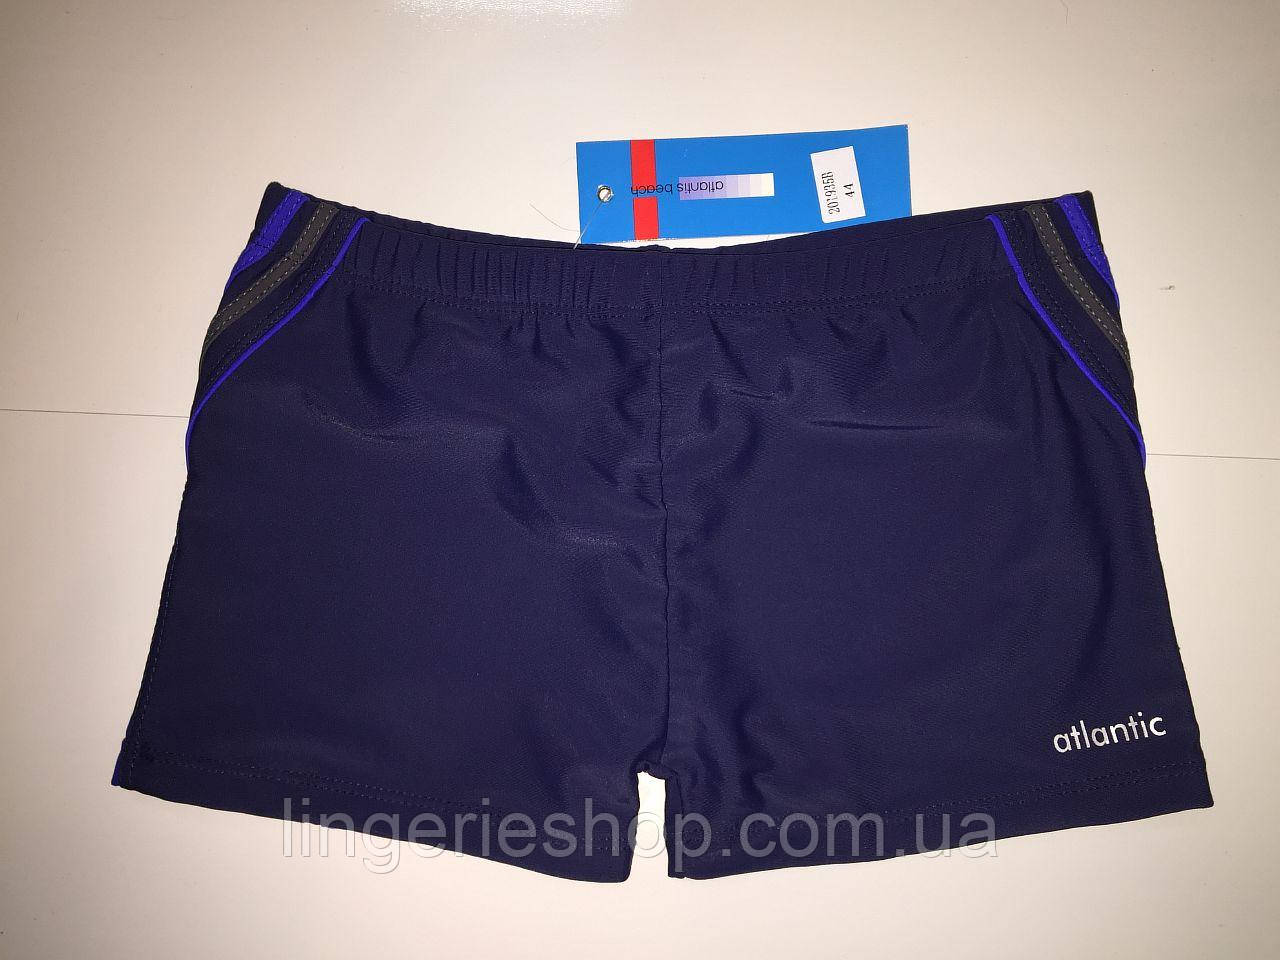 Плавки-шорты юниор Atlantic синий с электрик